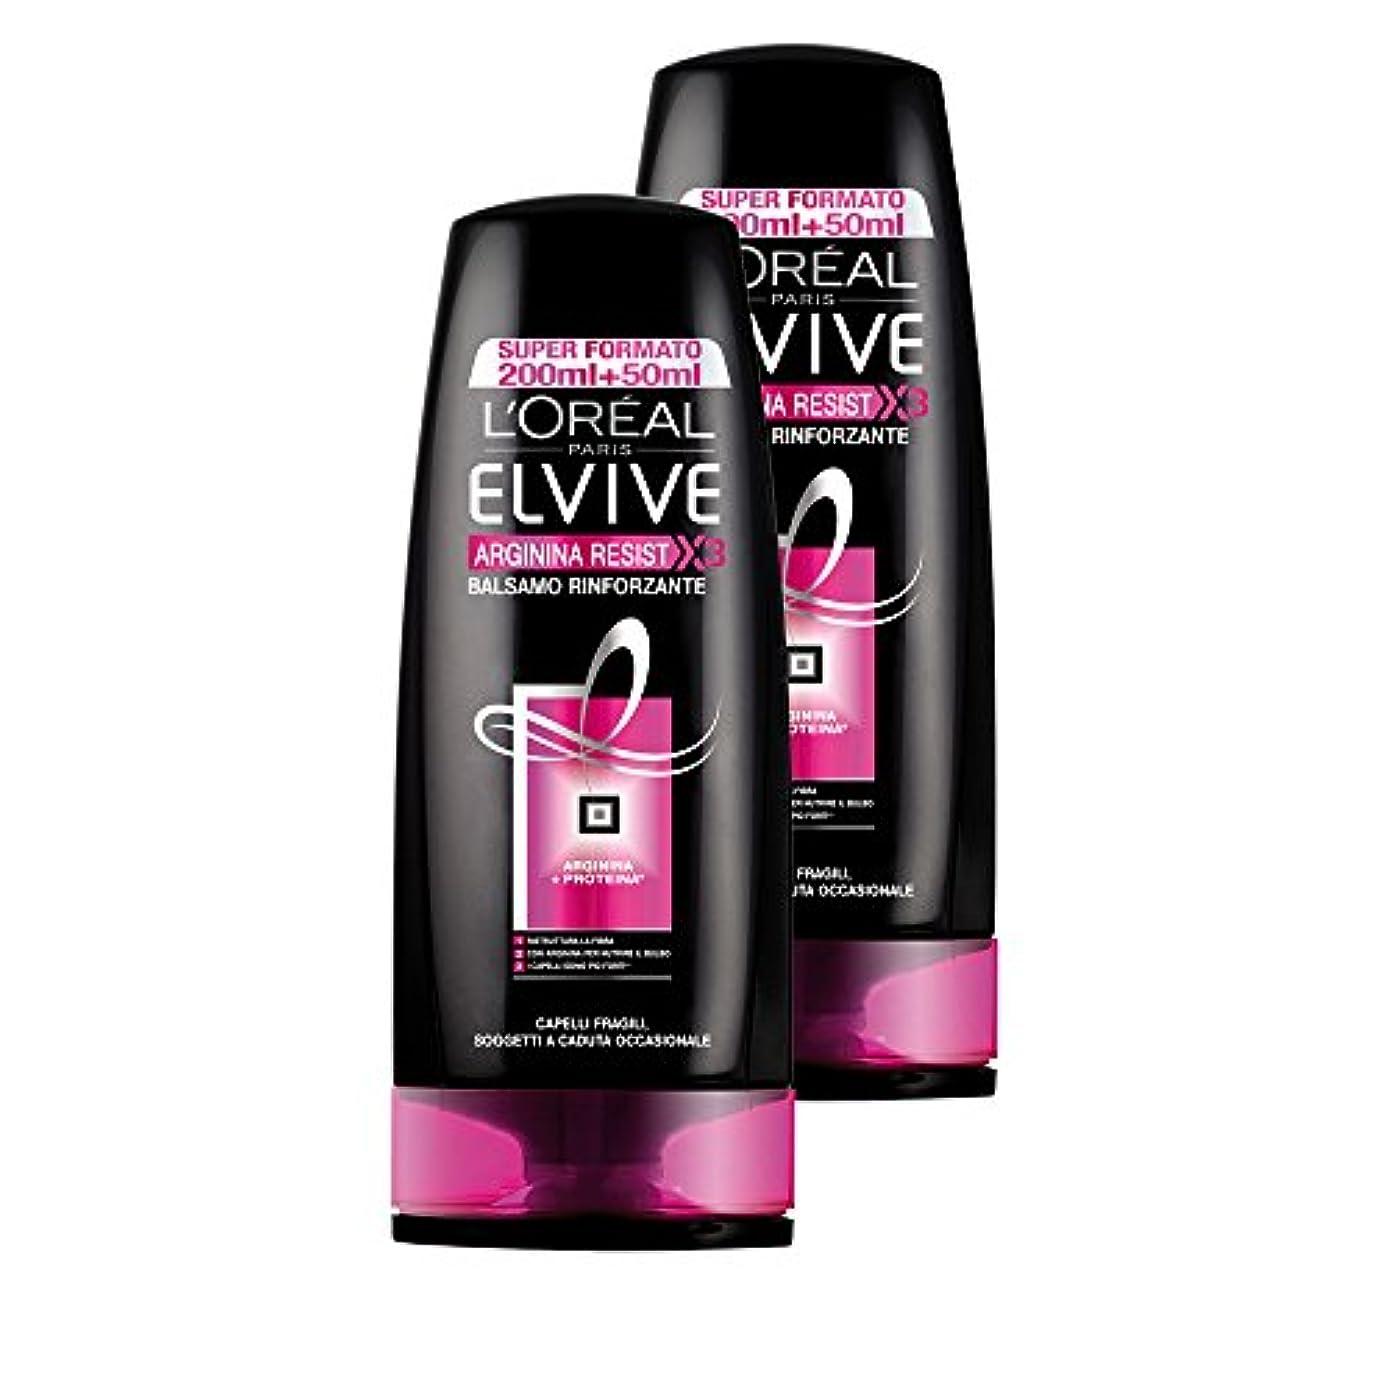 立法アセページL 'OréalParis ElviveアルギニンレジストX3バームリンフォルザンテ、壊れやすい髪用、3パック2 x 250 ml、合計:1500 ml